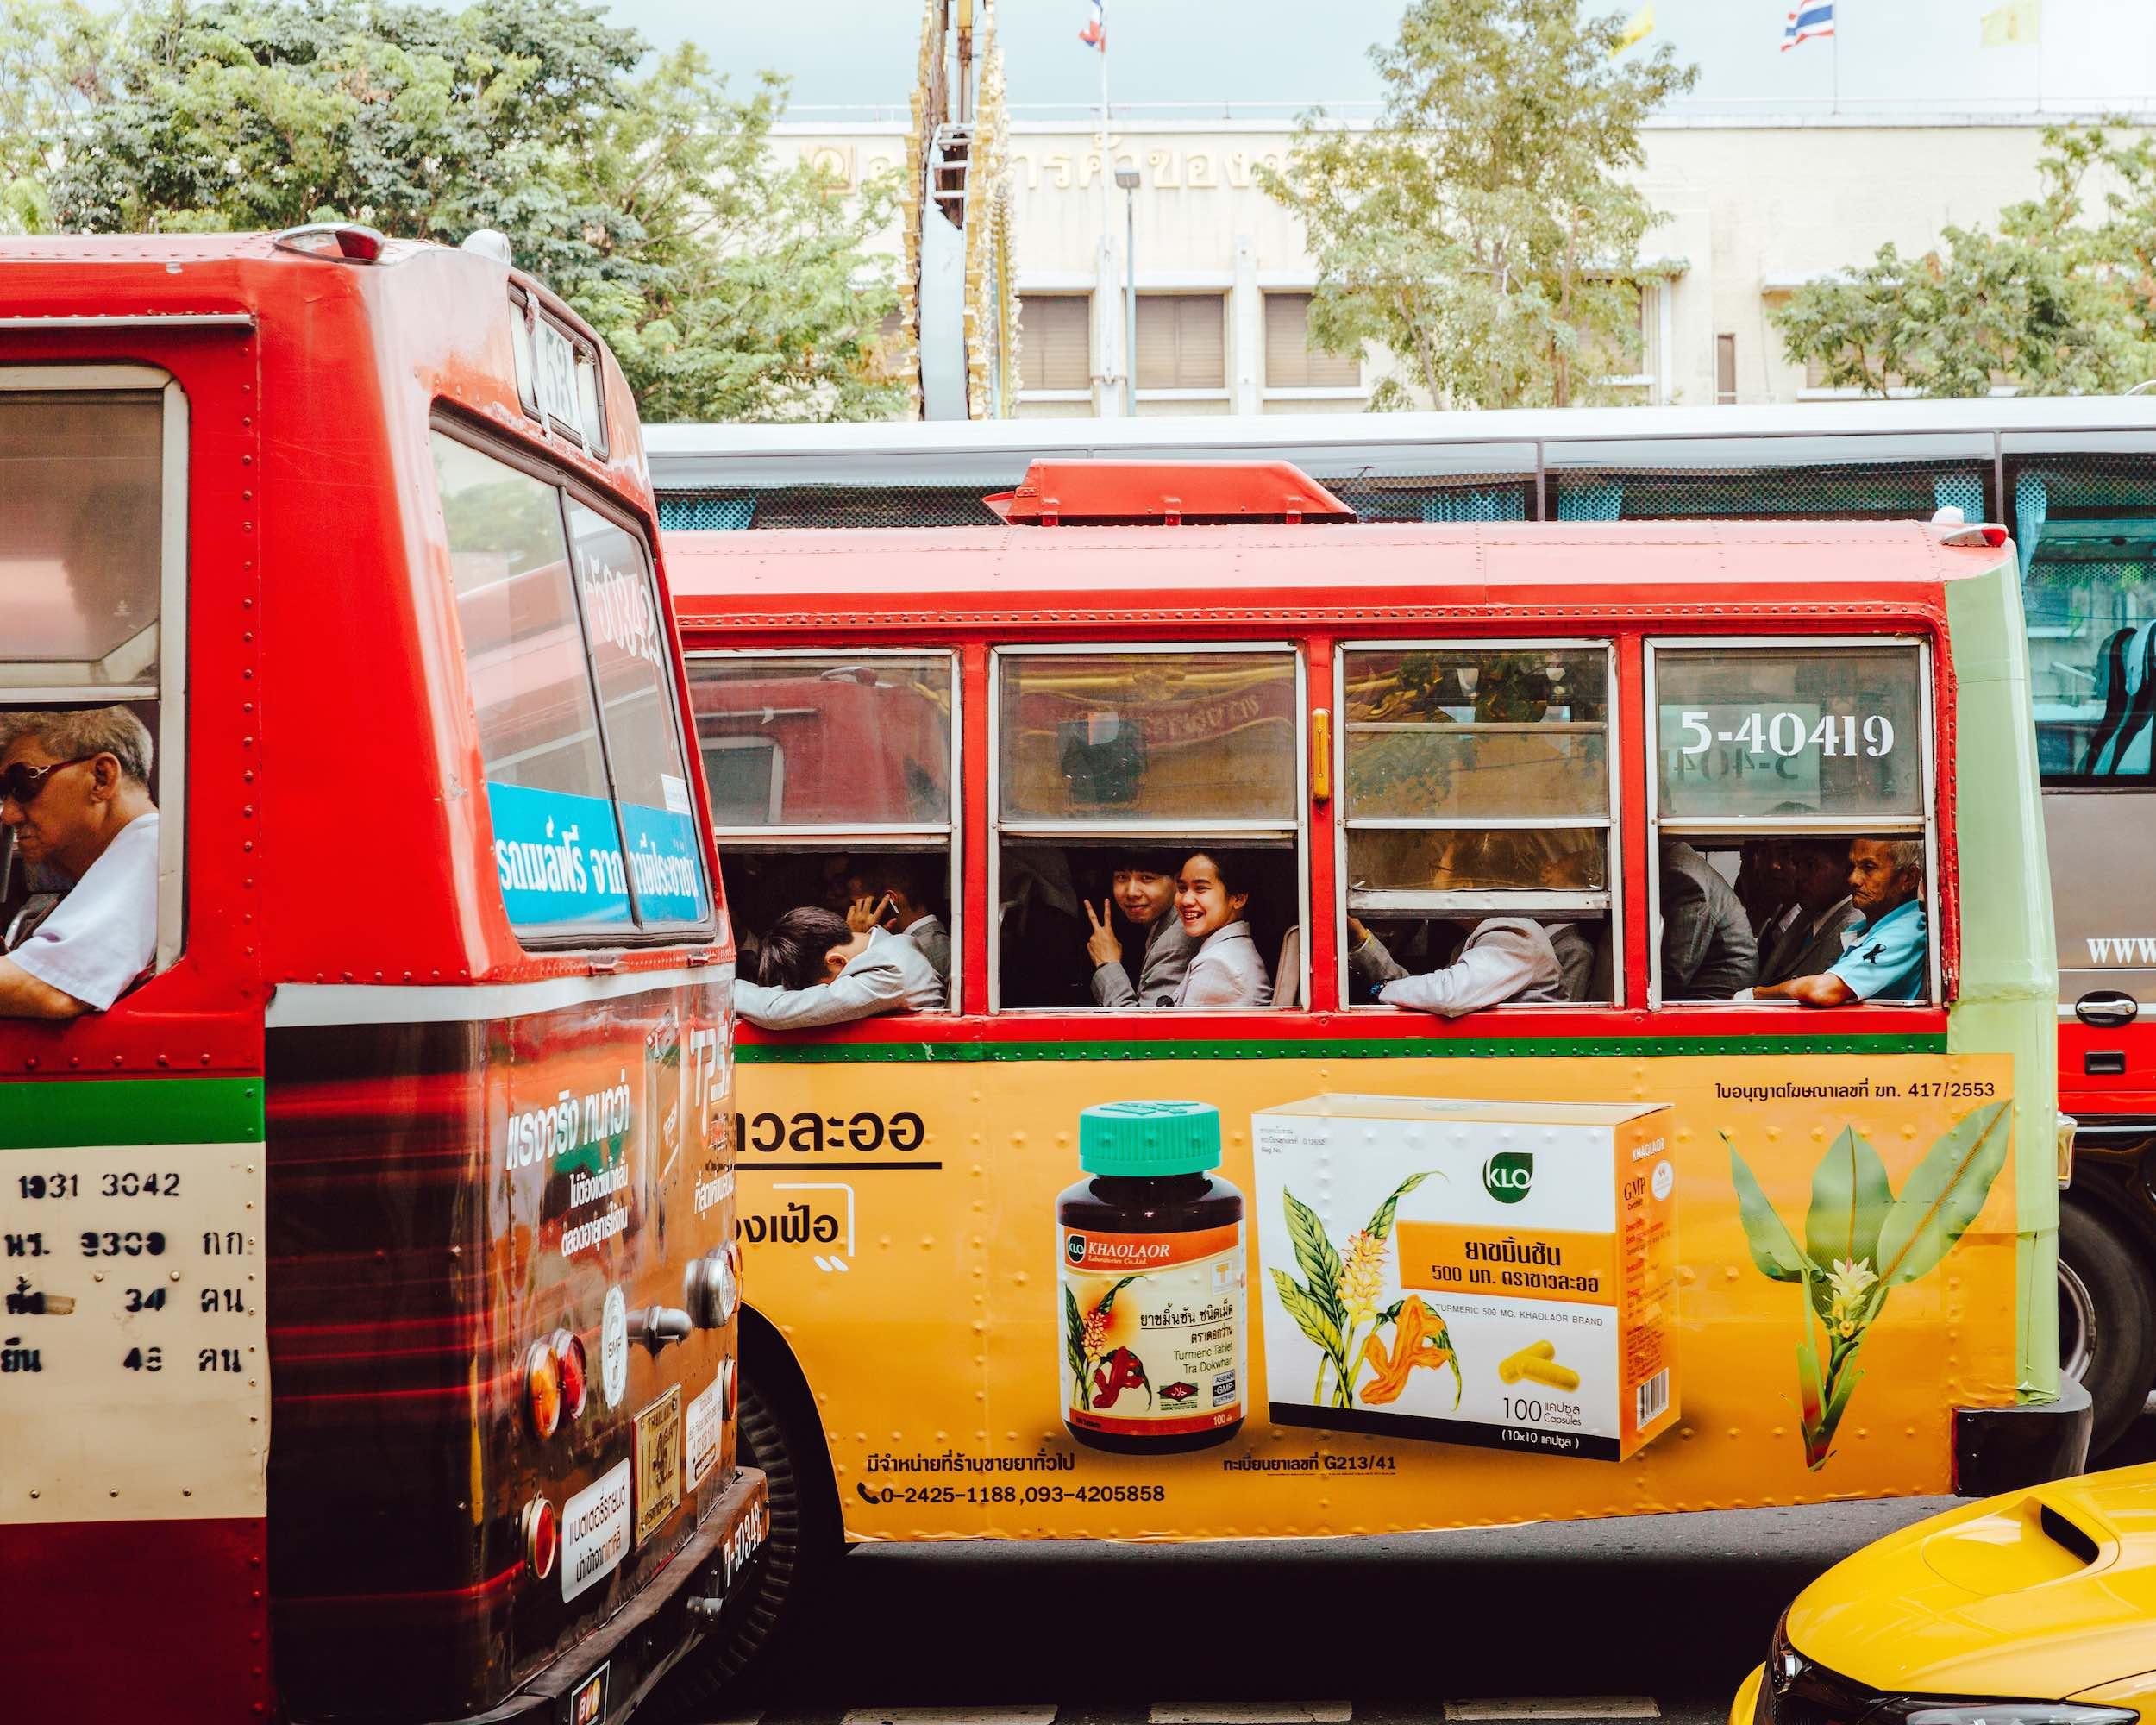 Bangkok_Buses_People_Smiling_travel_bangkok.jpg